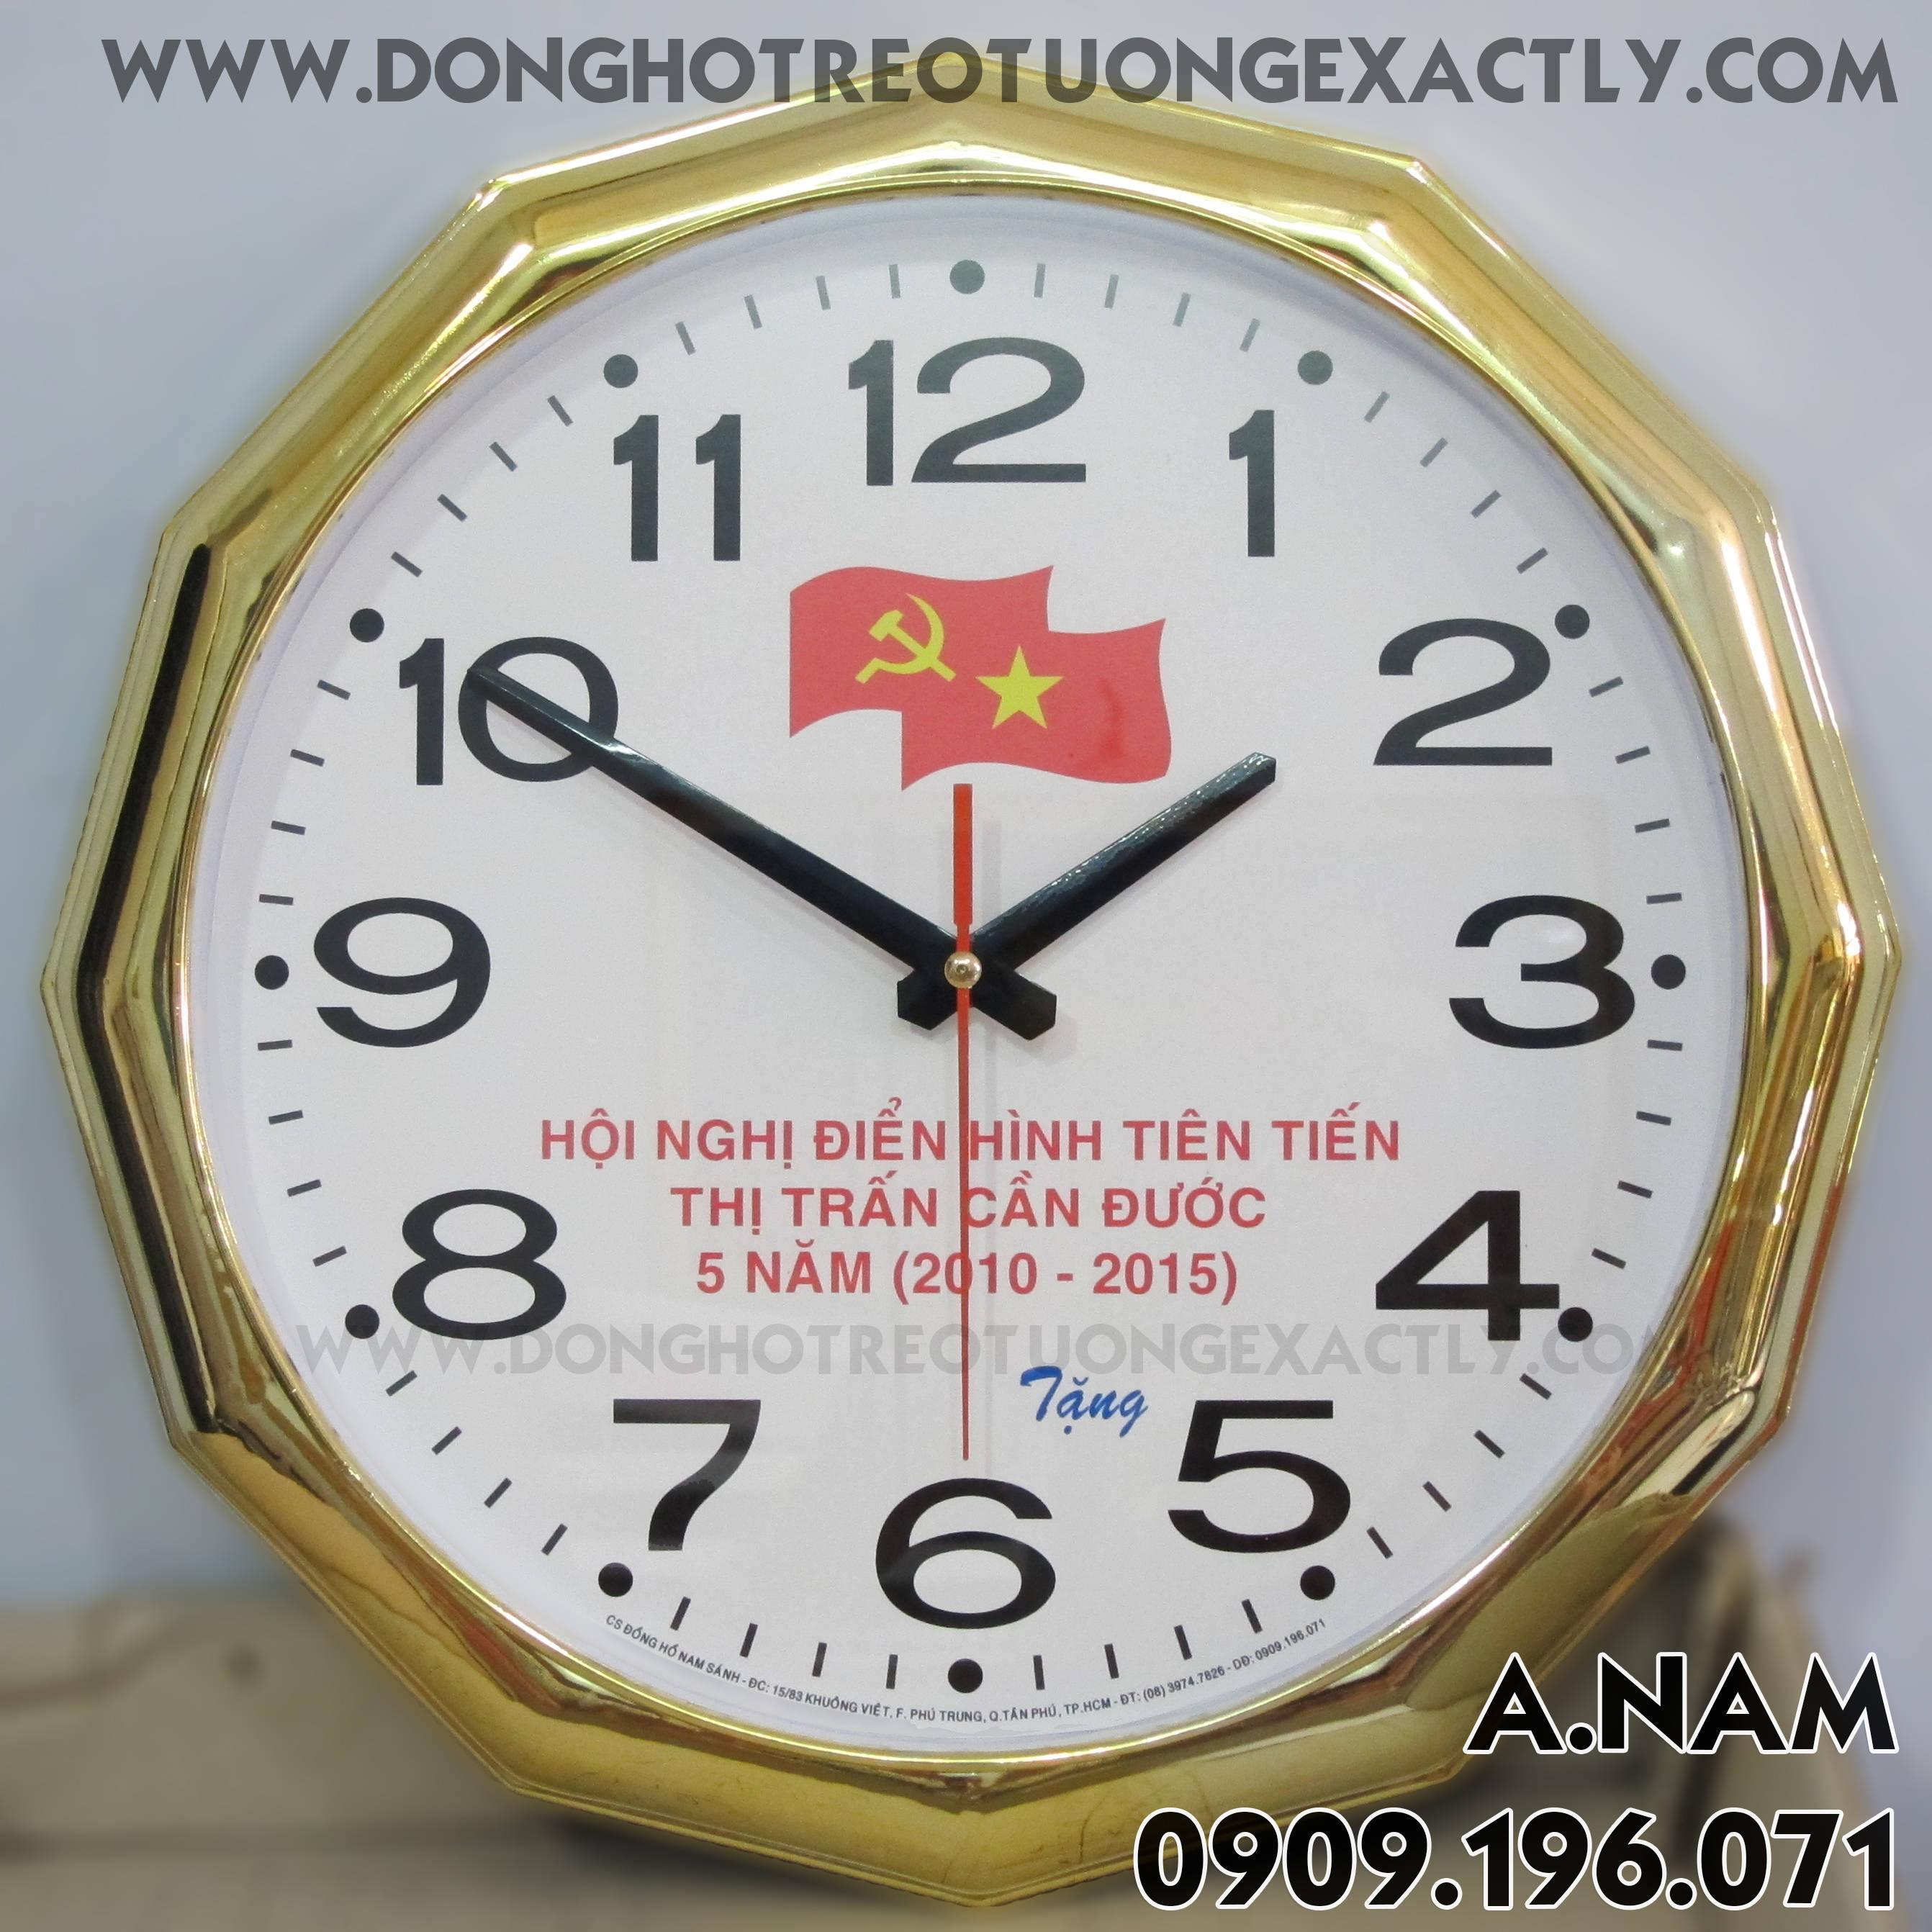 đồng hồ treo tường Hội nghị điển hình tiên tiến thị trấn cần đước